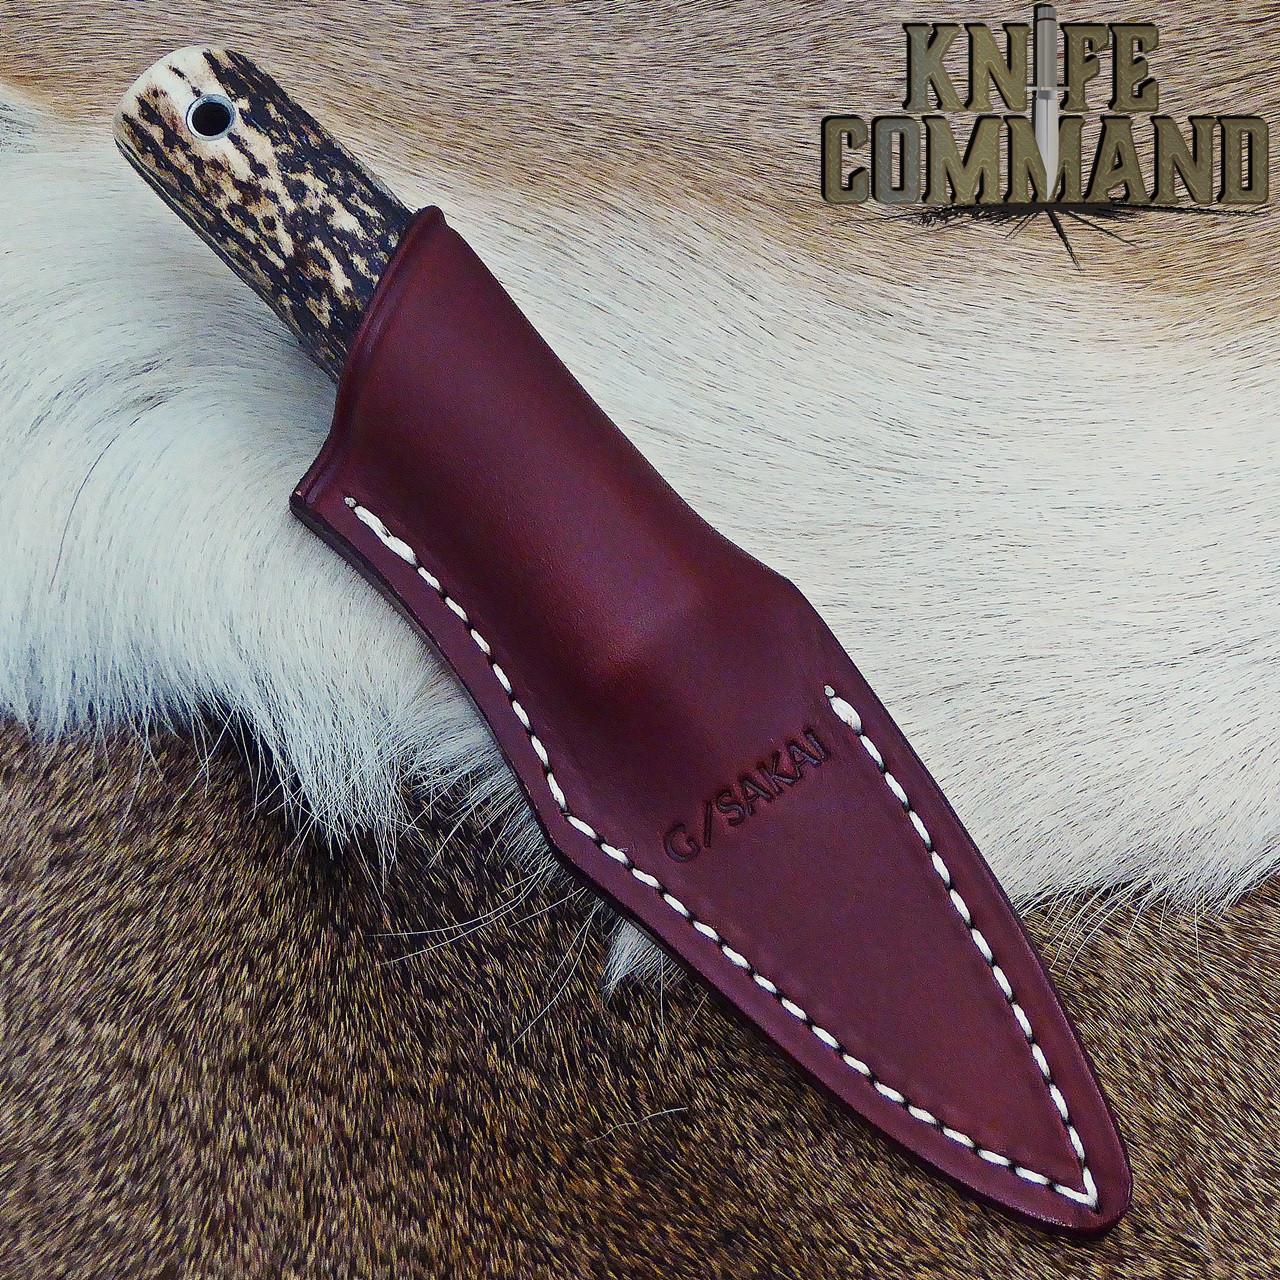 Leather sheath.